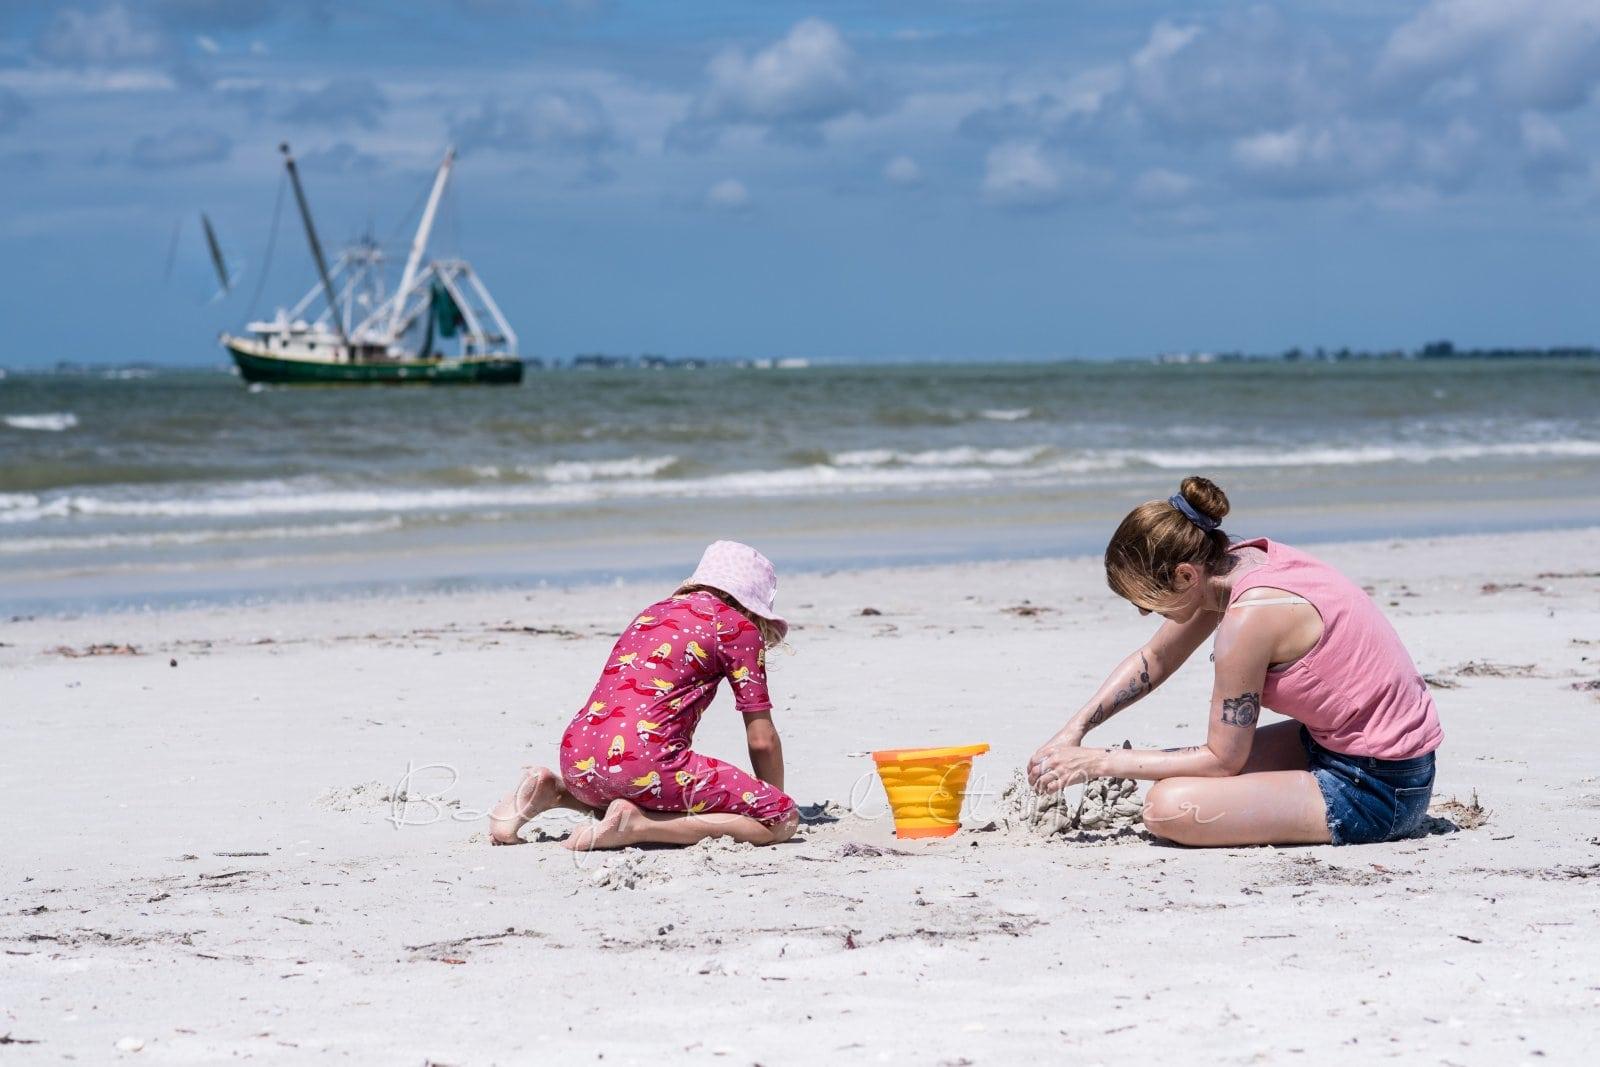 Unsere Florida Reise Von Orlando Bis Miami Beach Ausfluge Stadtereisen Urlaub Mit Kindern Flugreisen Baby Kind Und Meer